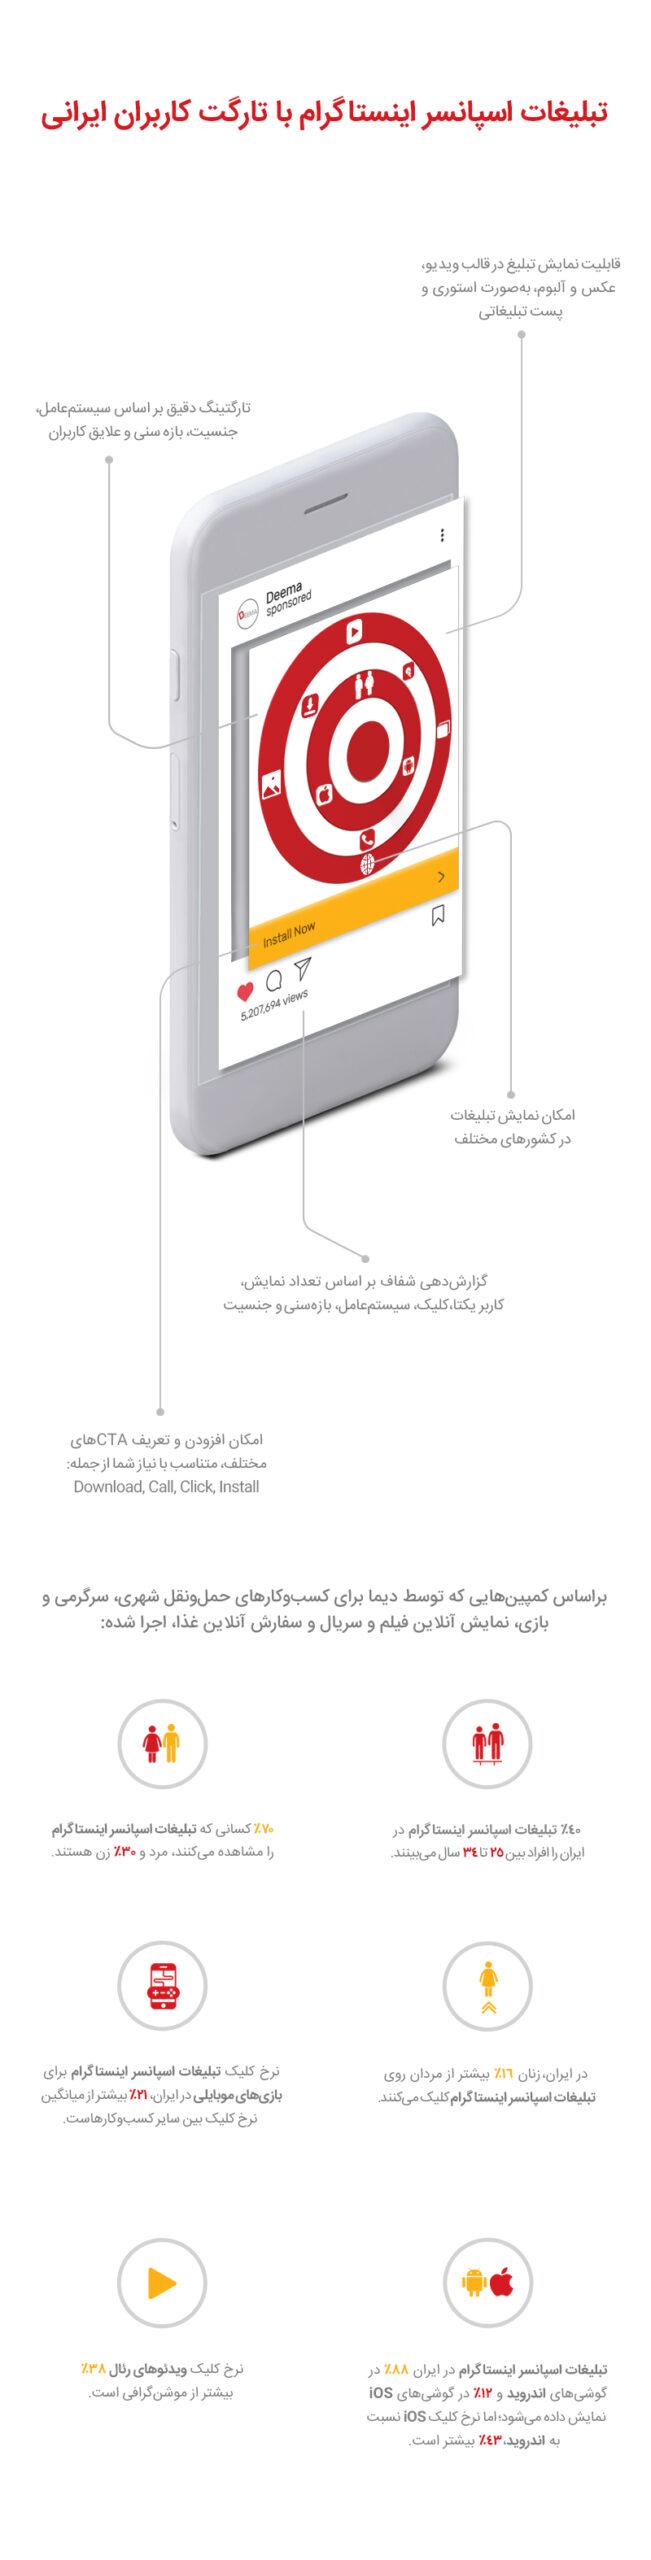 تبلیغات اسپانسر اینستاگرام